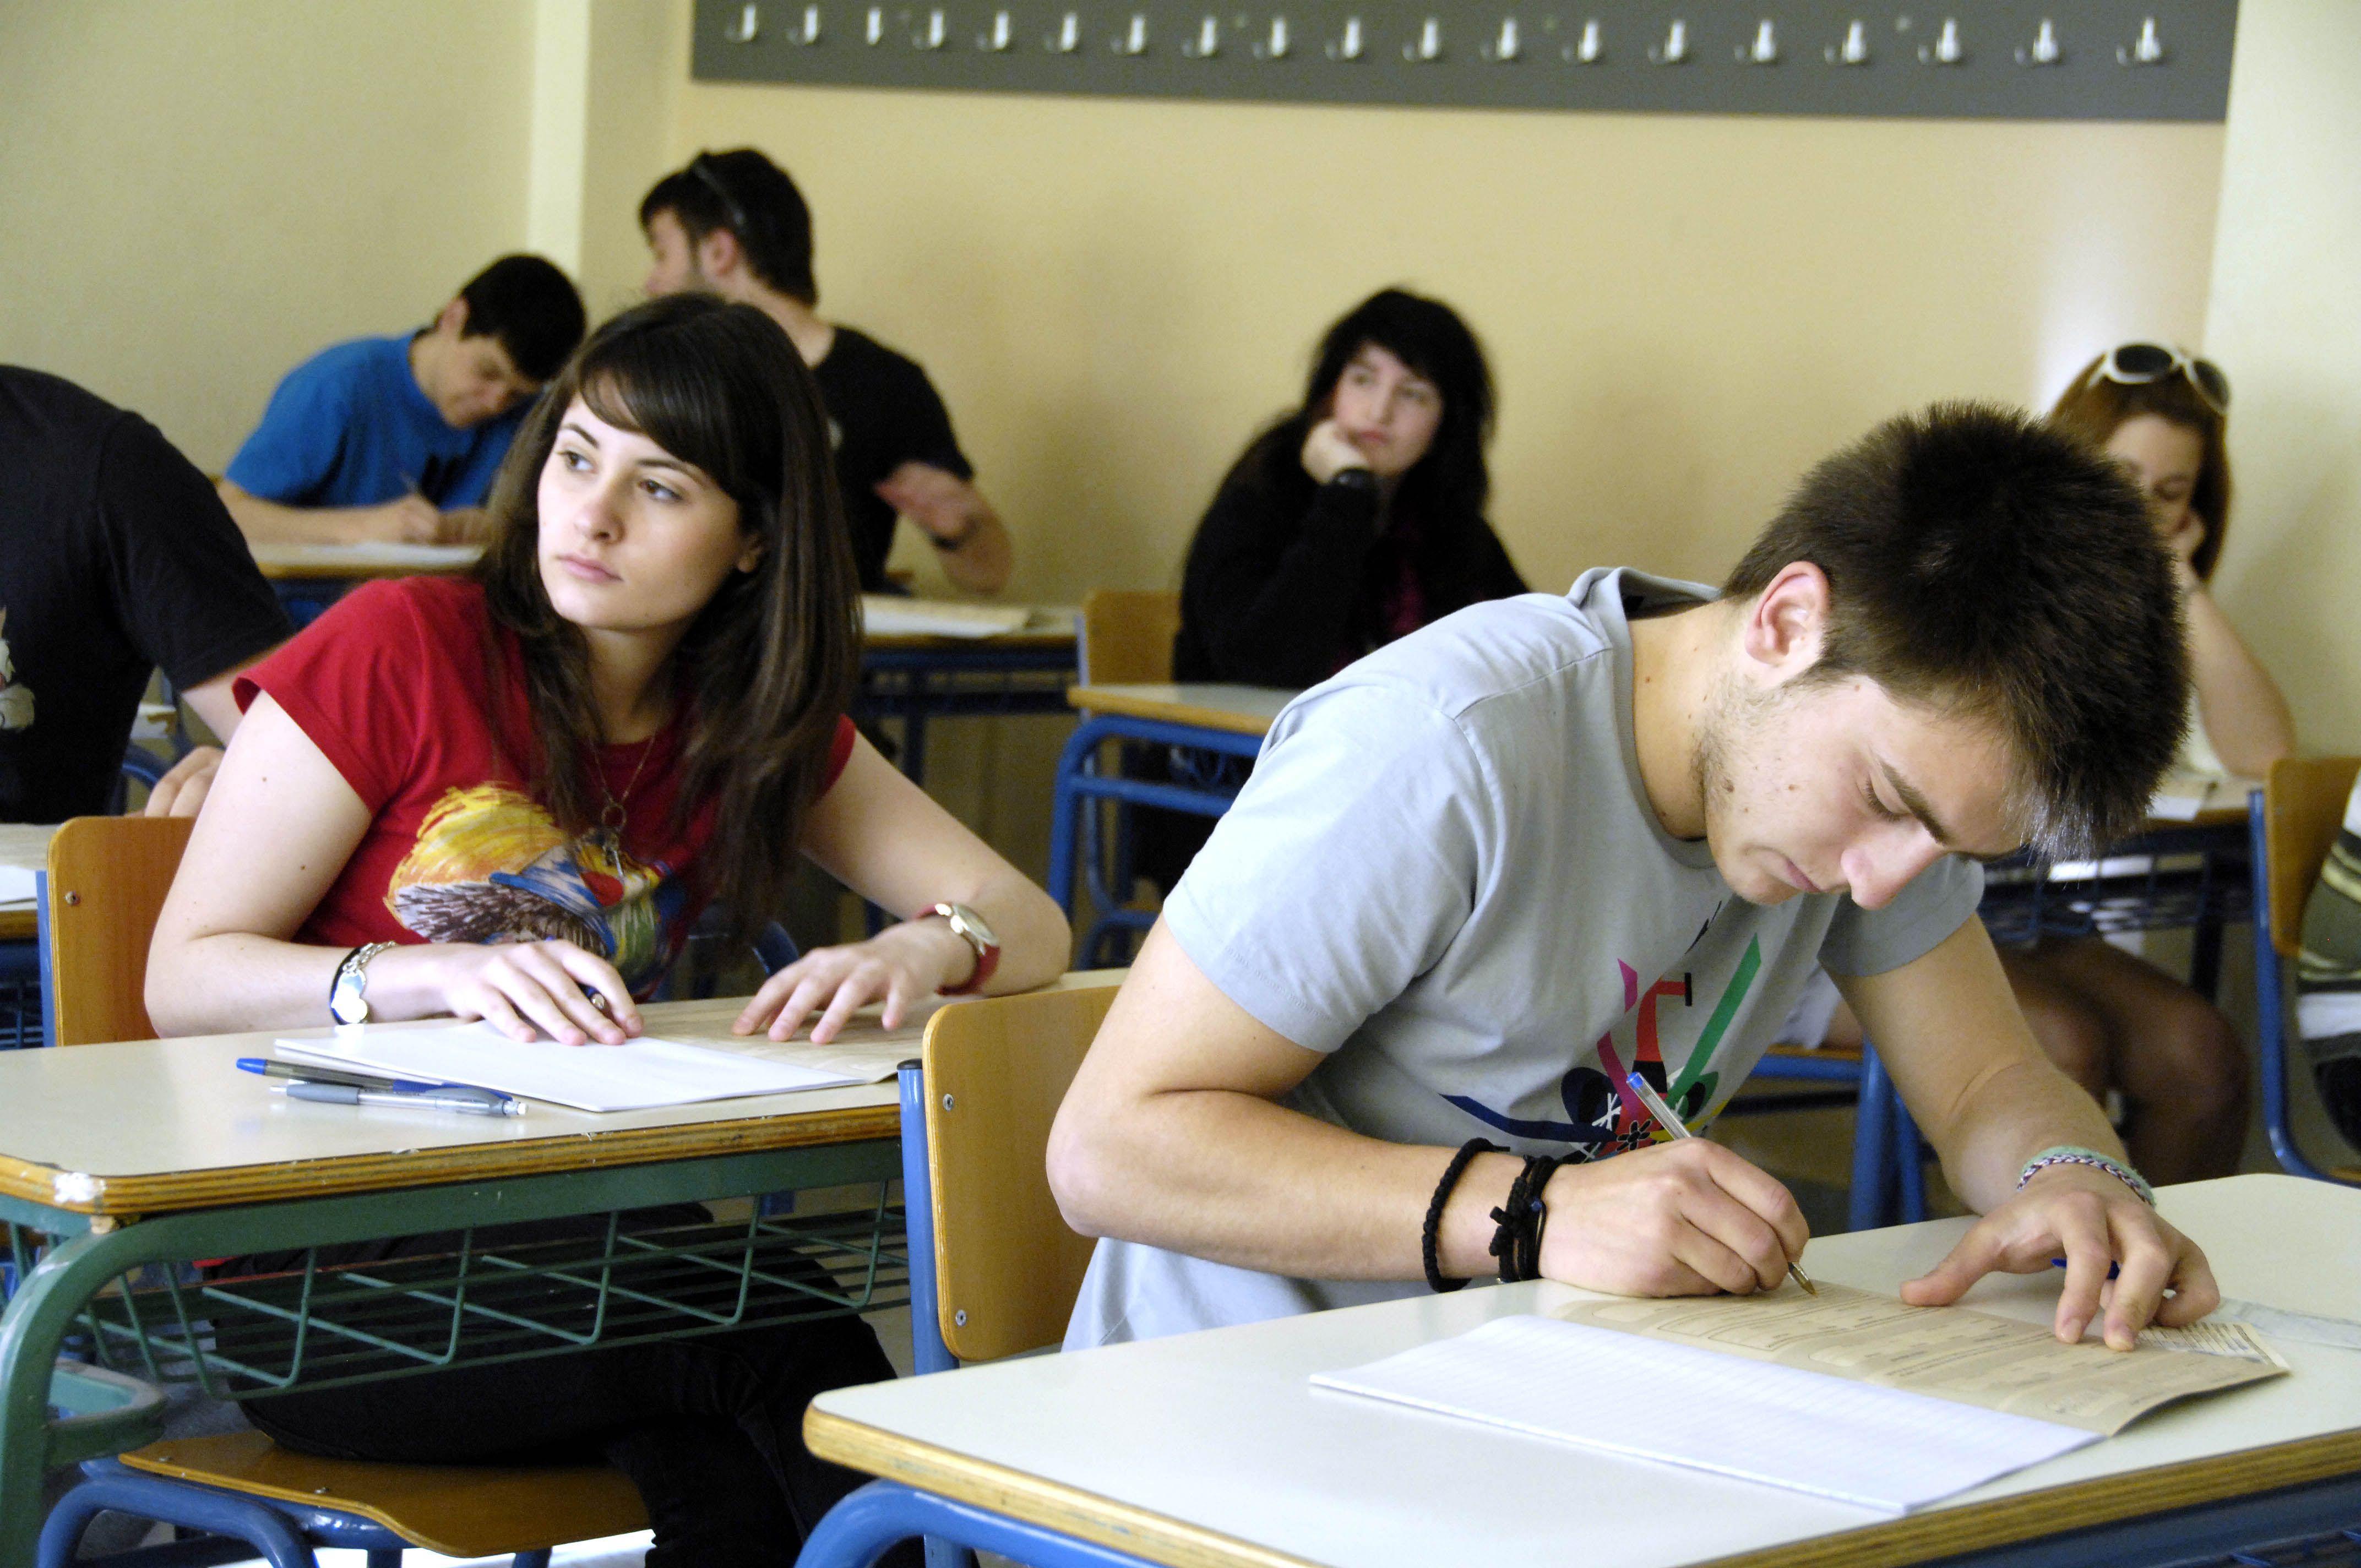 Τα θέματα και οι απαντήσεις στα Μαθηματικά των ΕΠΑΛ | tovima.gr